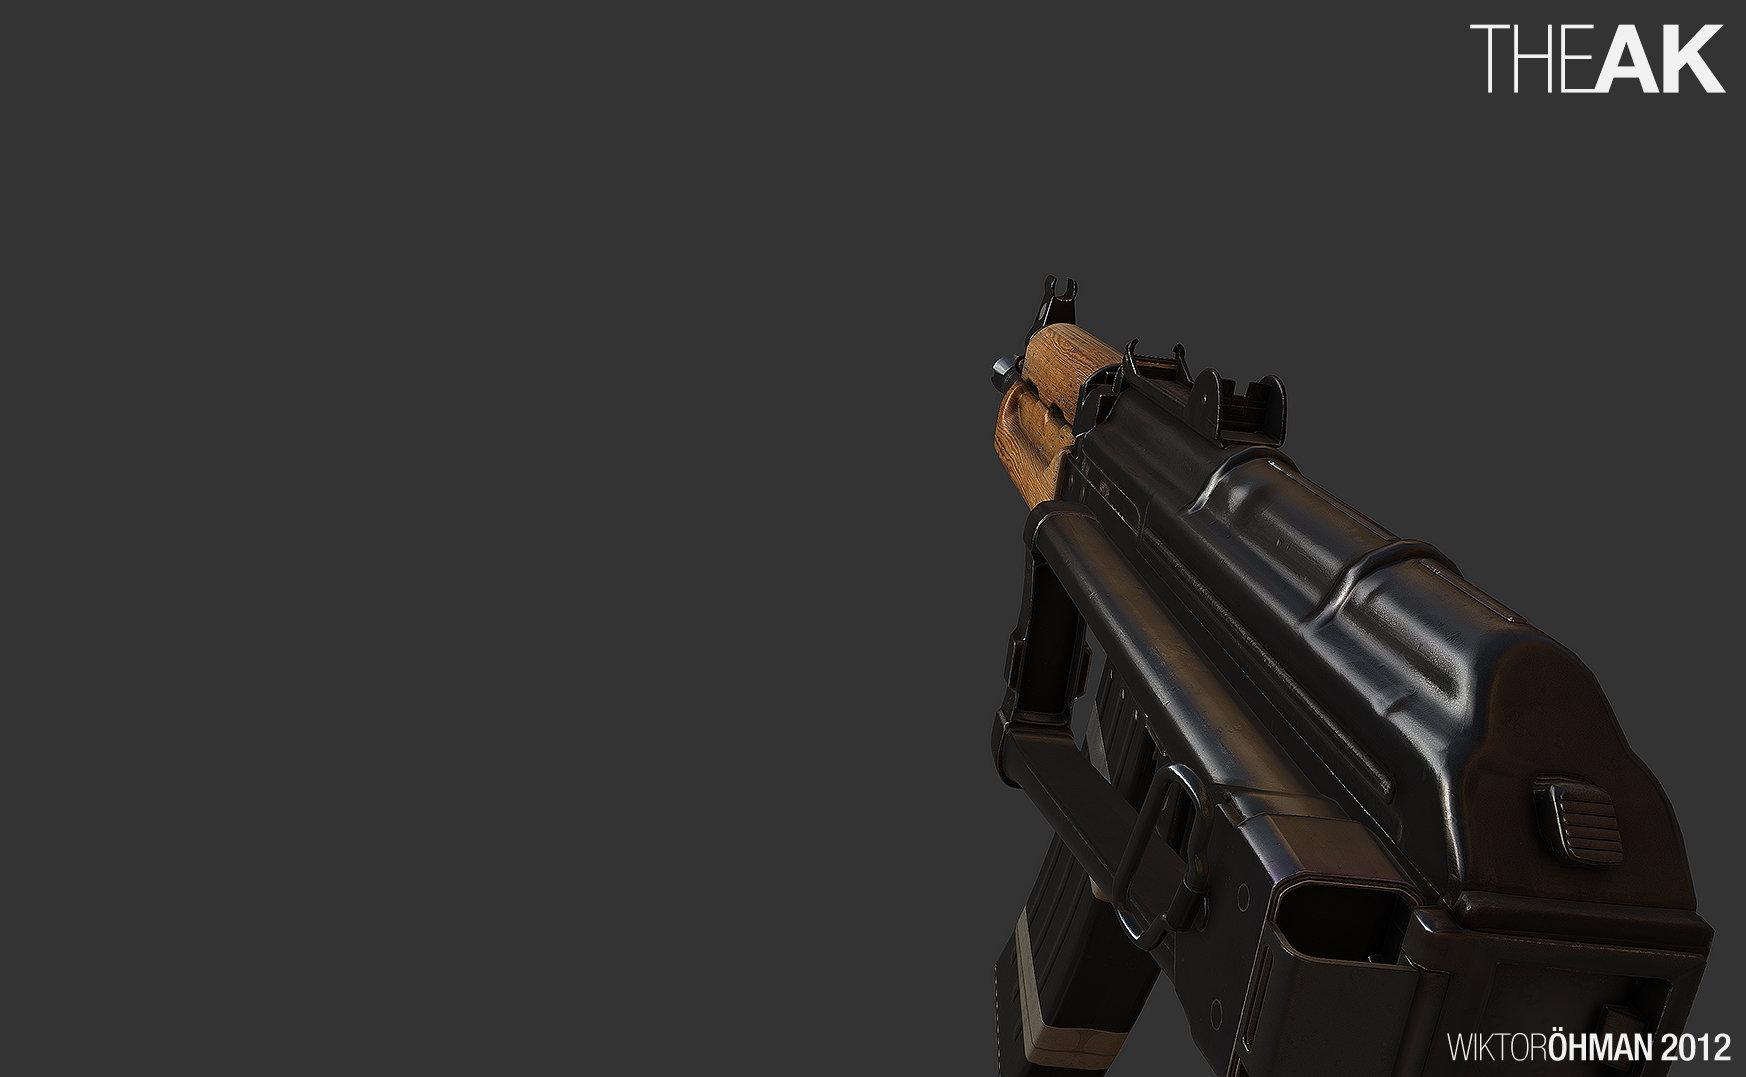 The AK